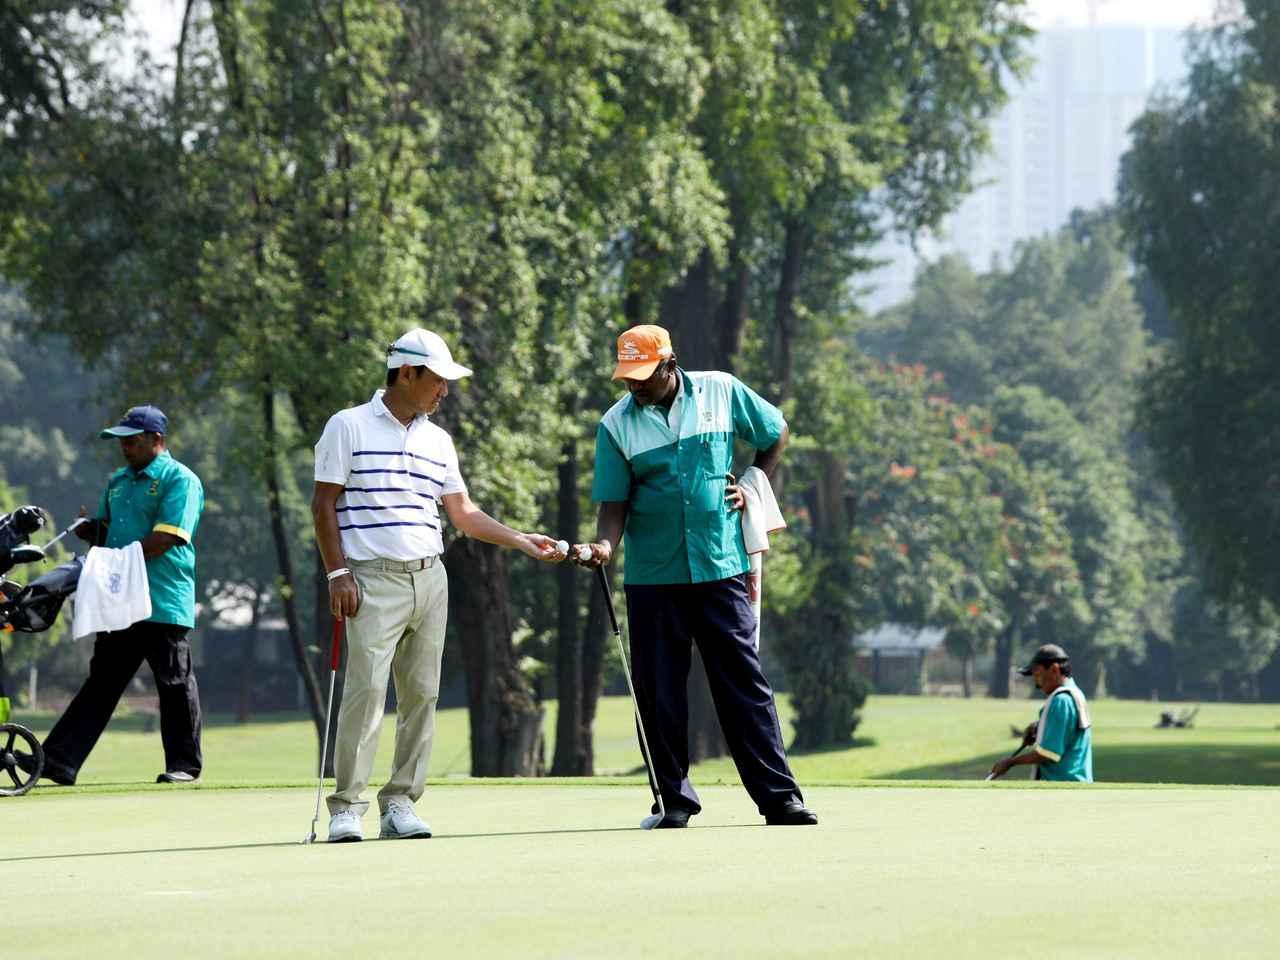 画像: 「英語が通じる!」 公用語はマレー語だが英語も普及。当然ゴルフ場でも英語でOK